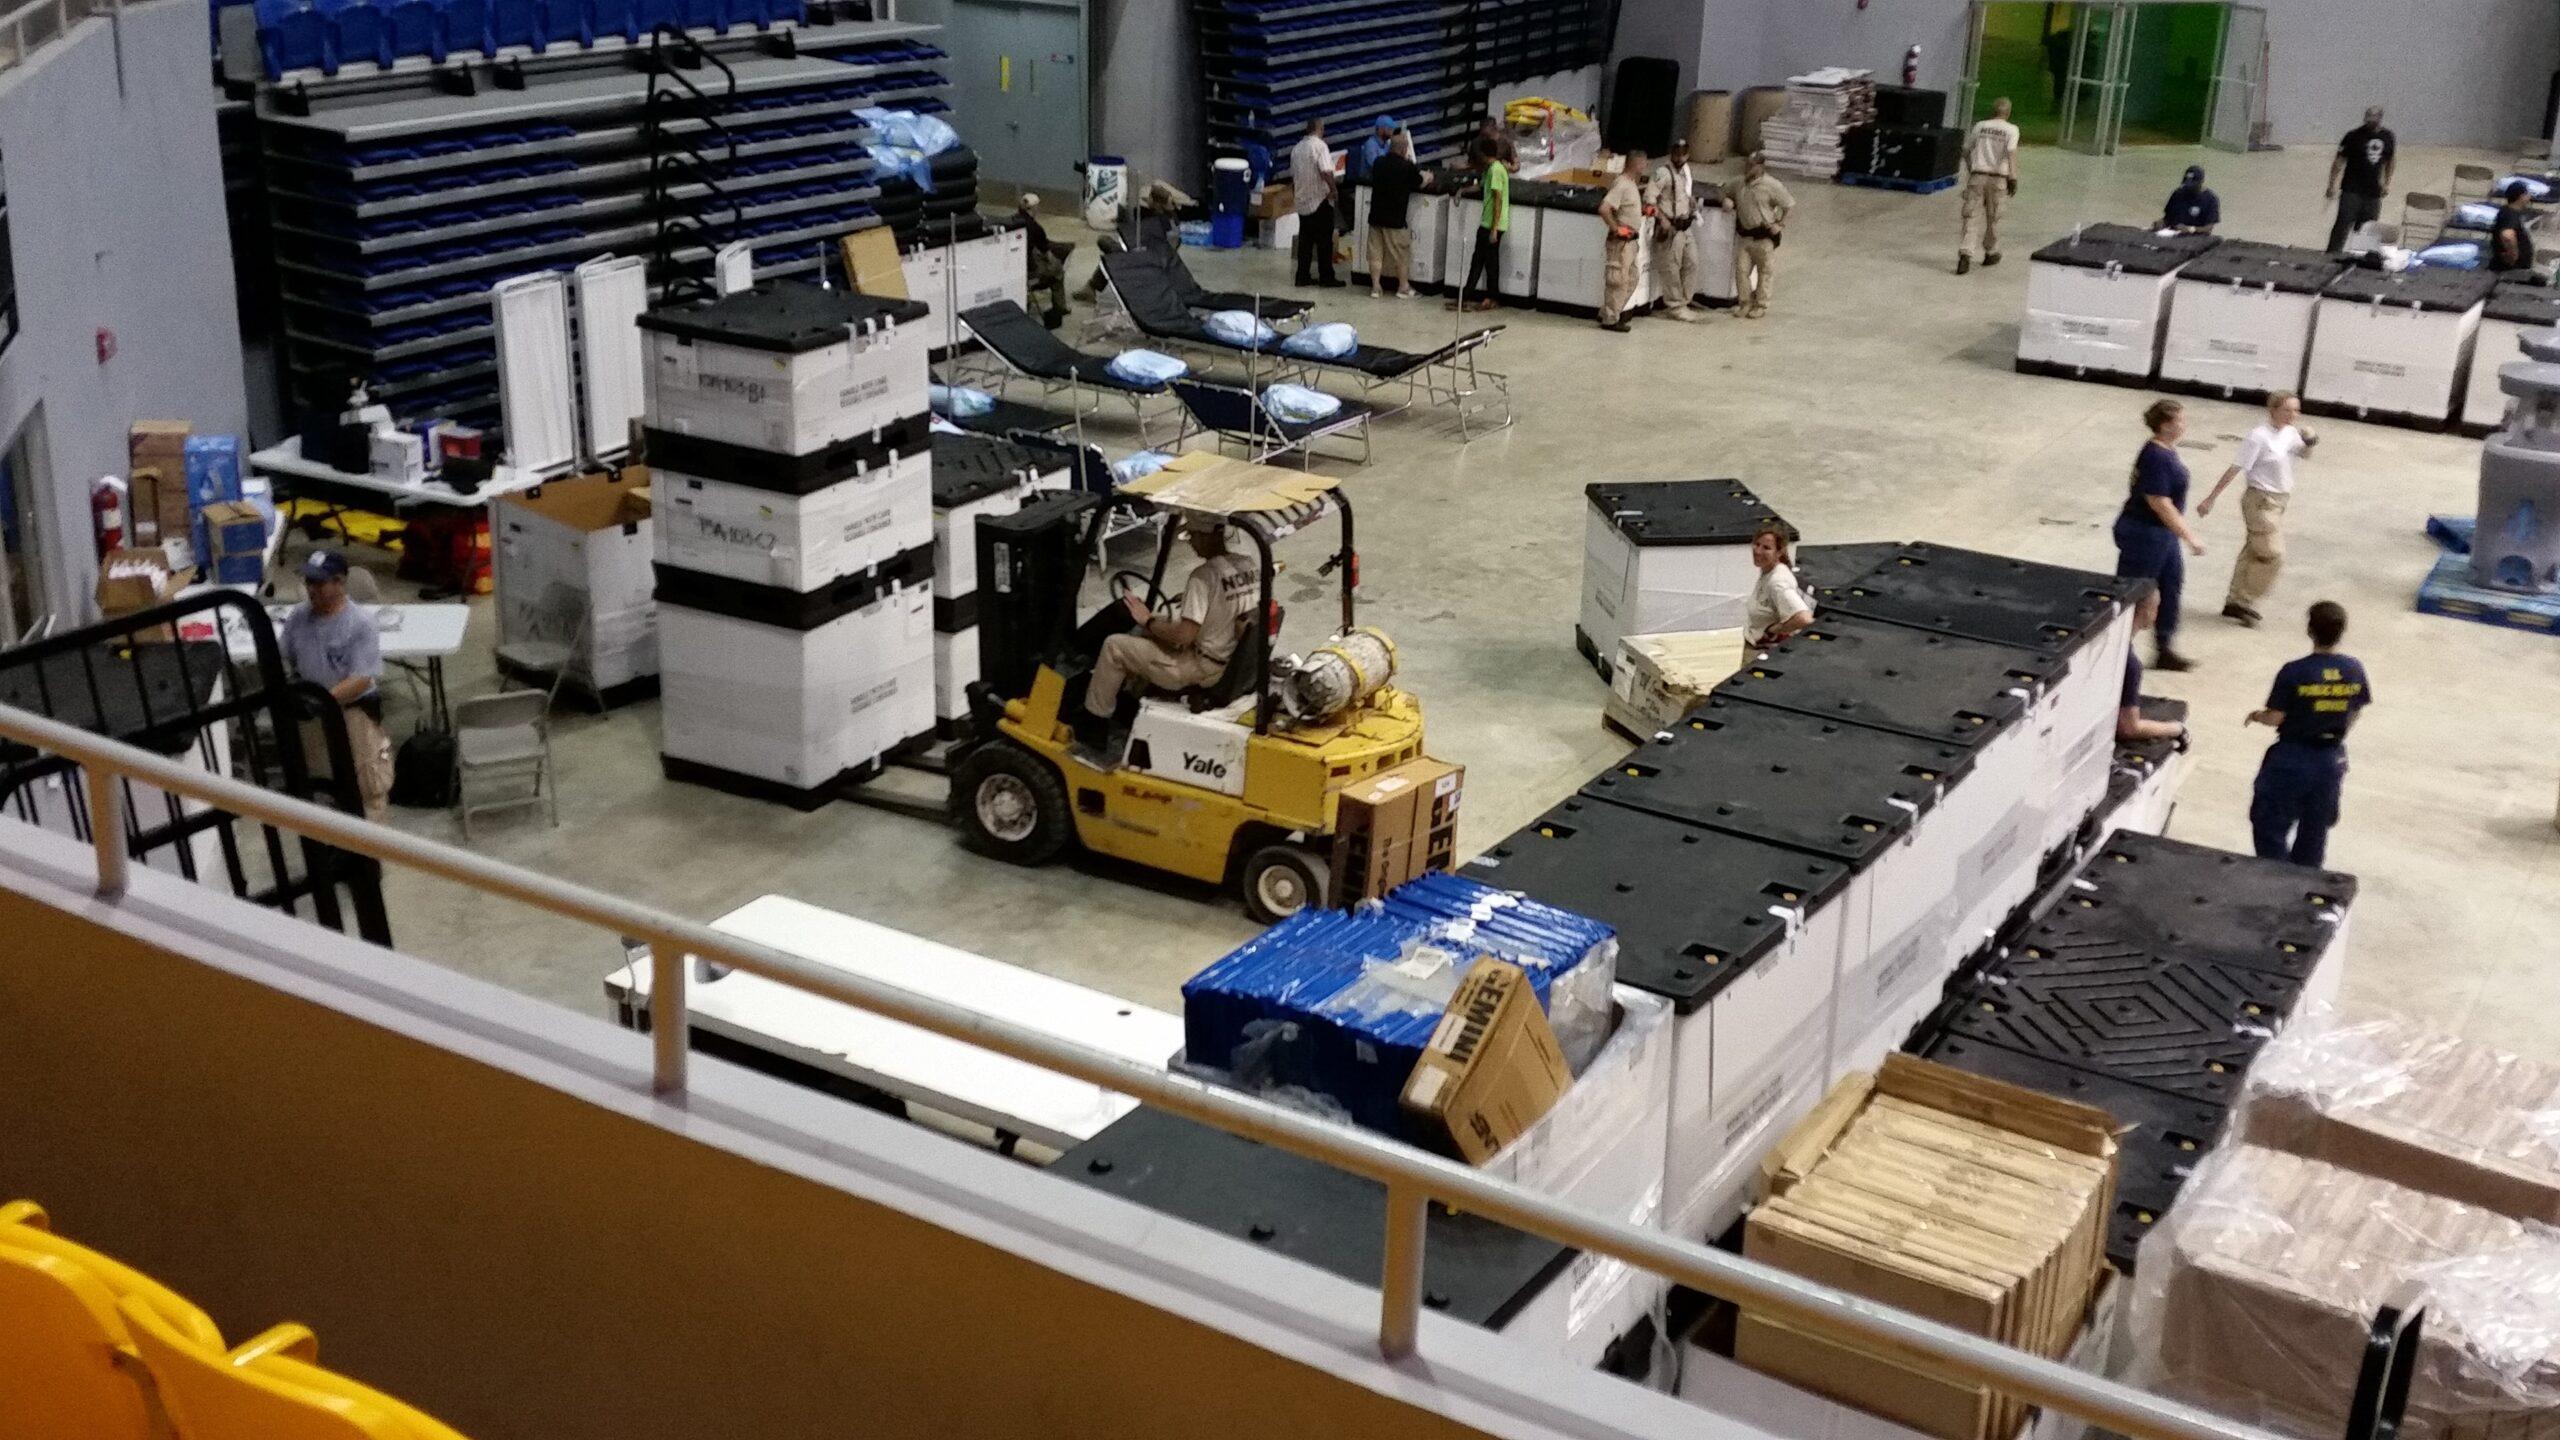 hala produkcyjna pełna pracowników i materiału przewożonego wózkami widłowymi